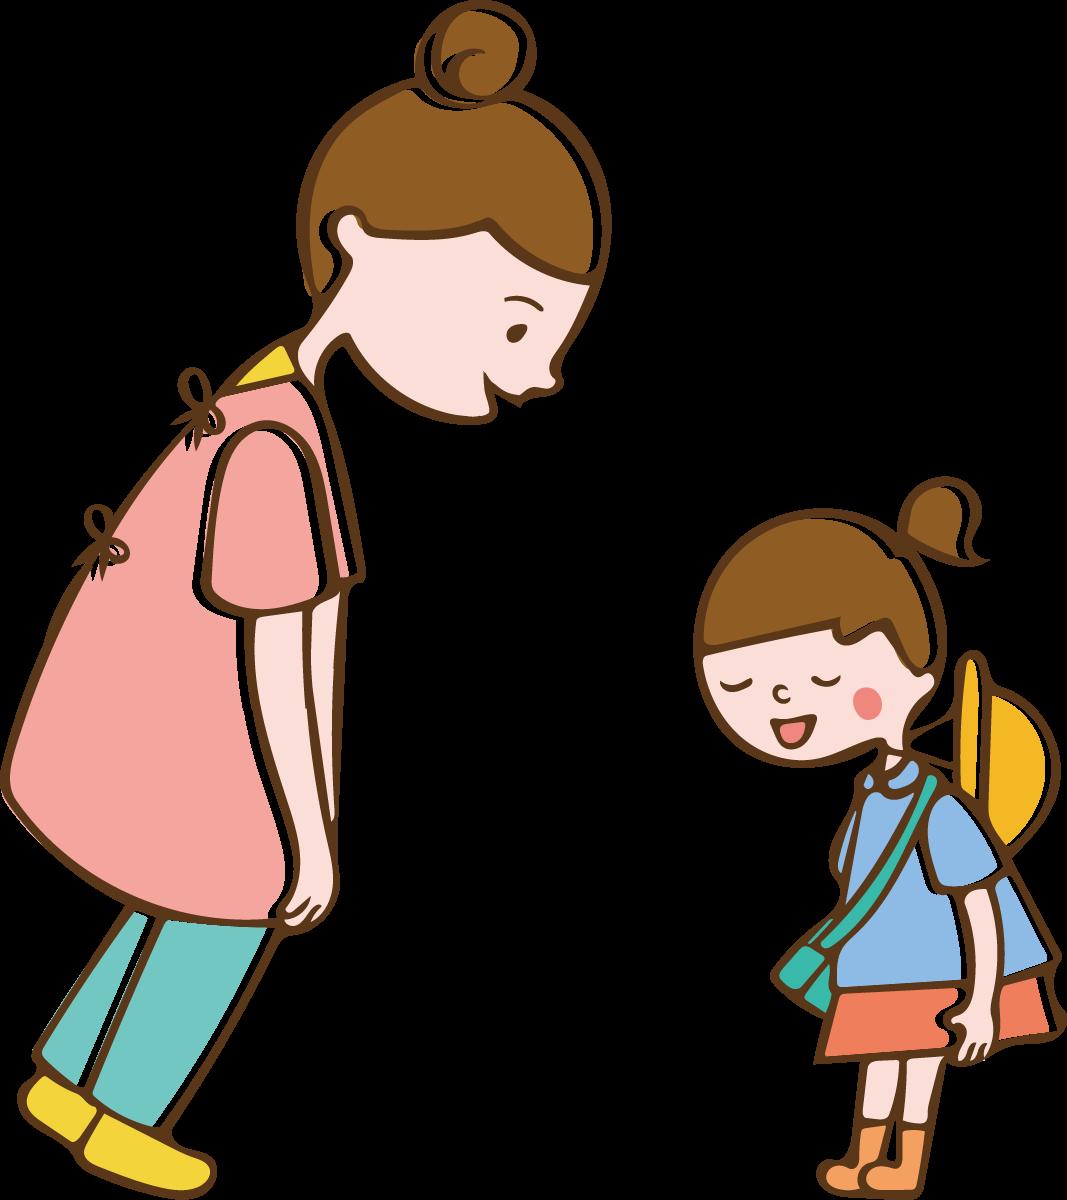 挨拶する子供のイラスト